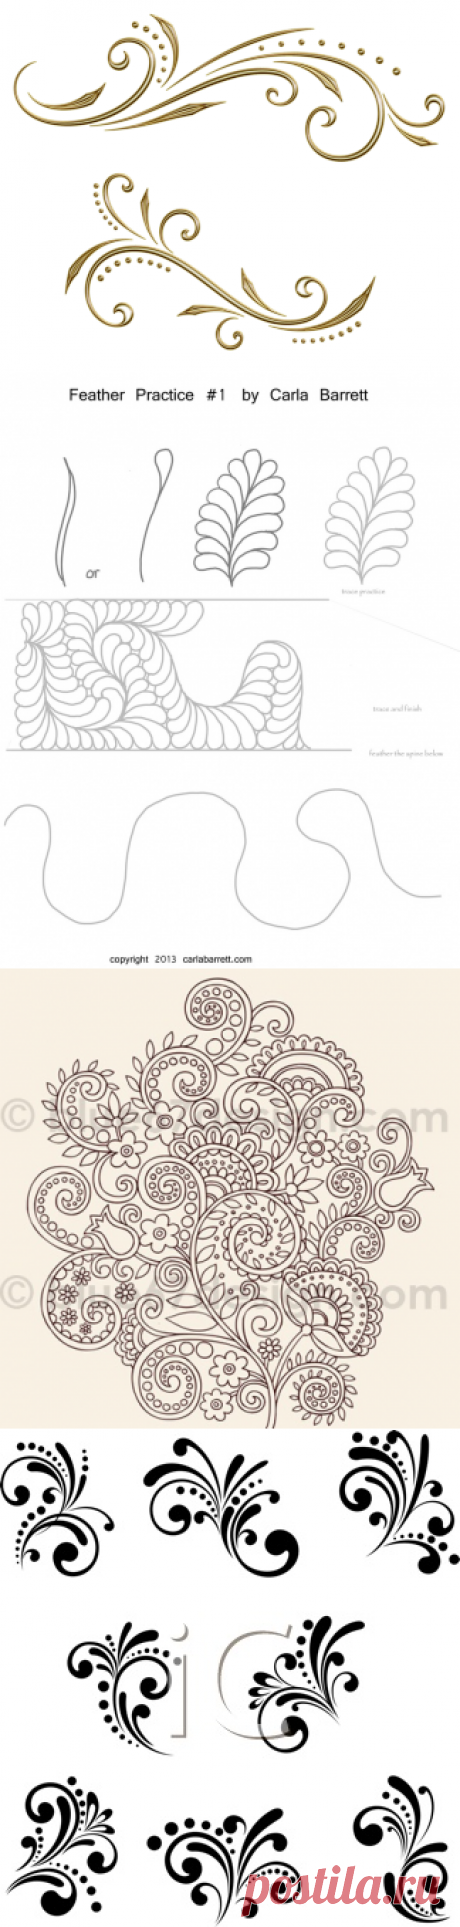 Шаблоны для рисования узоров. Doodling